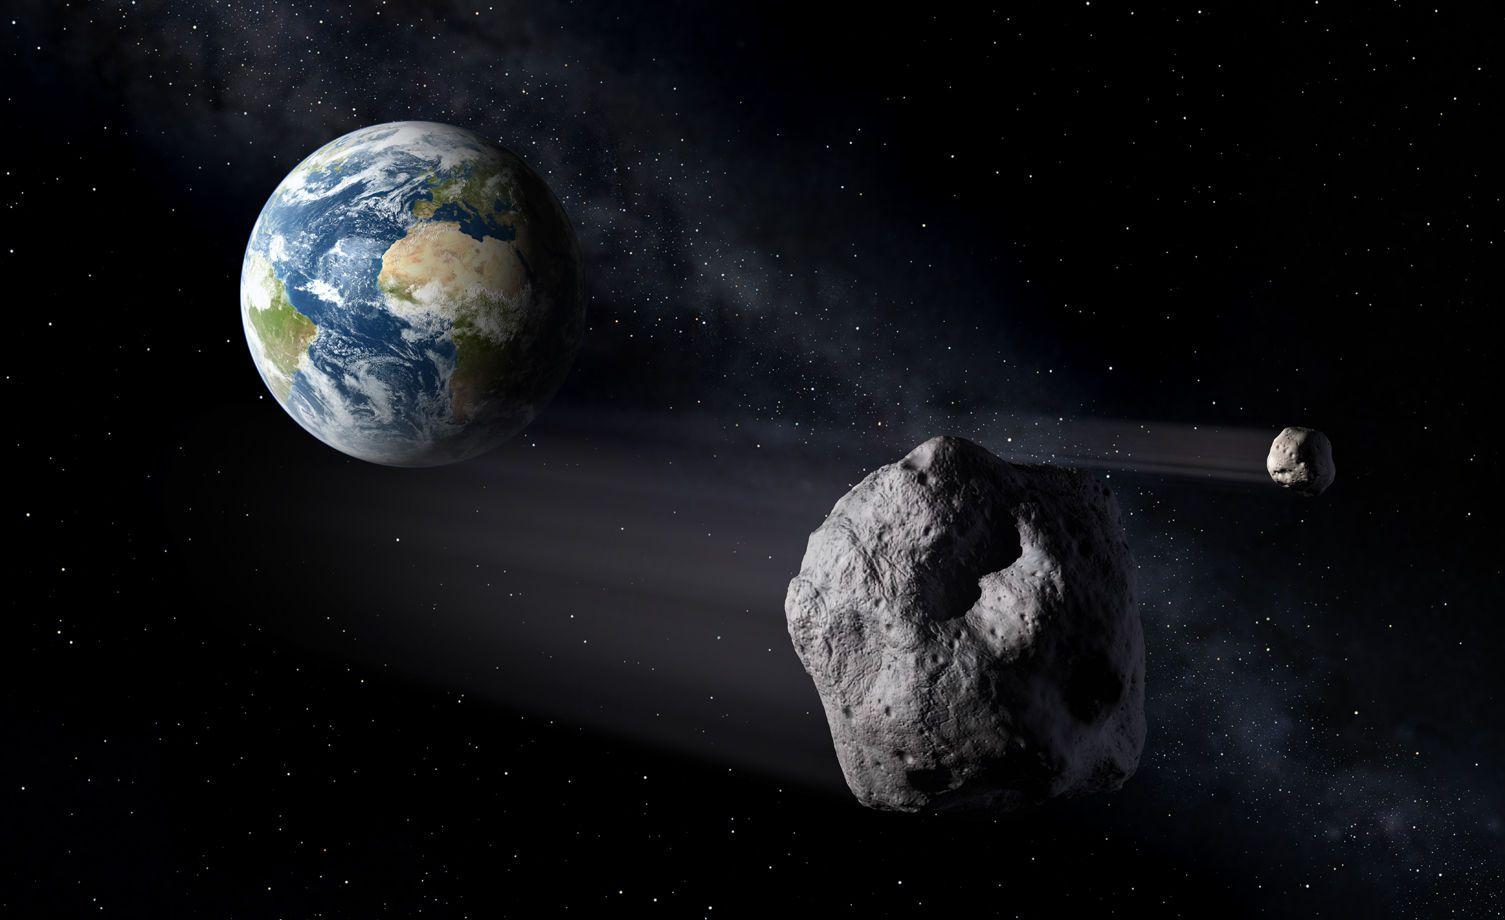 Sur la Terre comme sur la Lune, l'eau viendrait d'astéroïdes